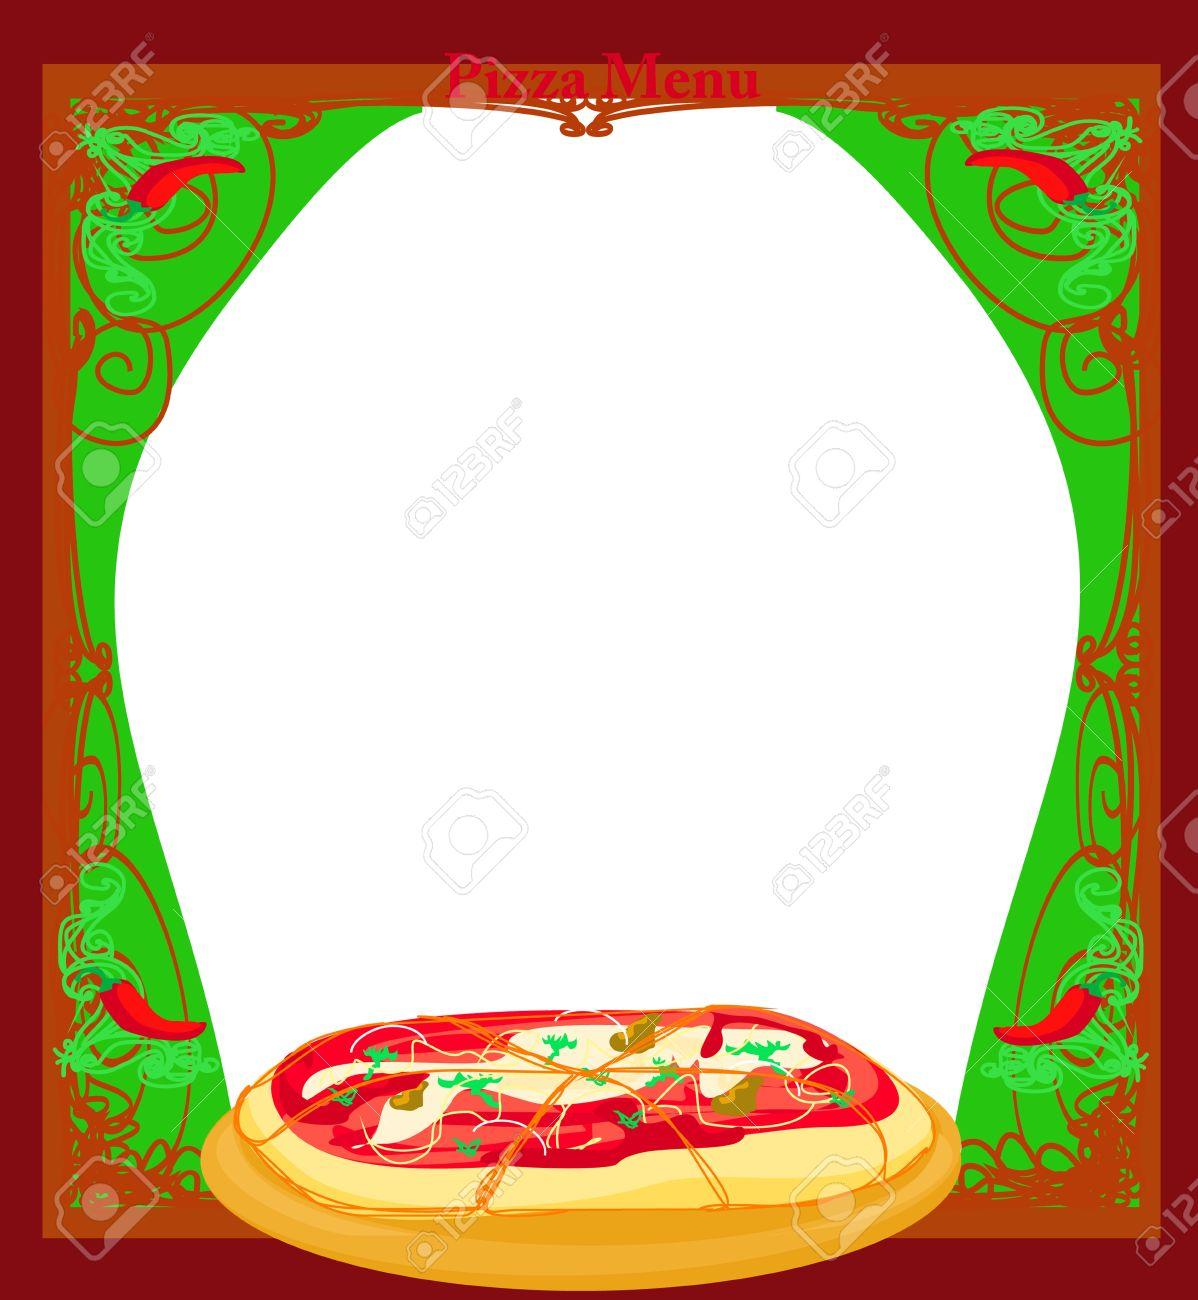 Пример типовой комплектации пиццерии пиццерия товары товары